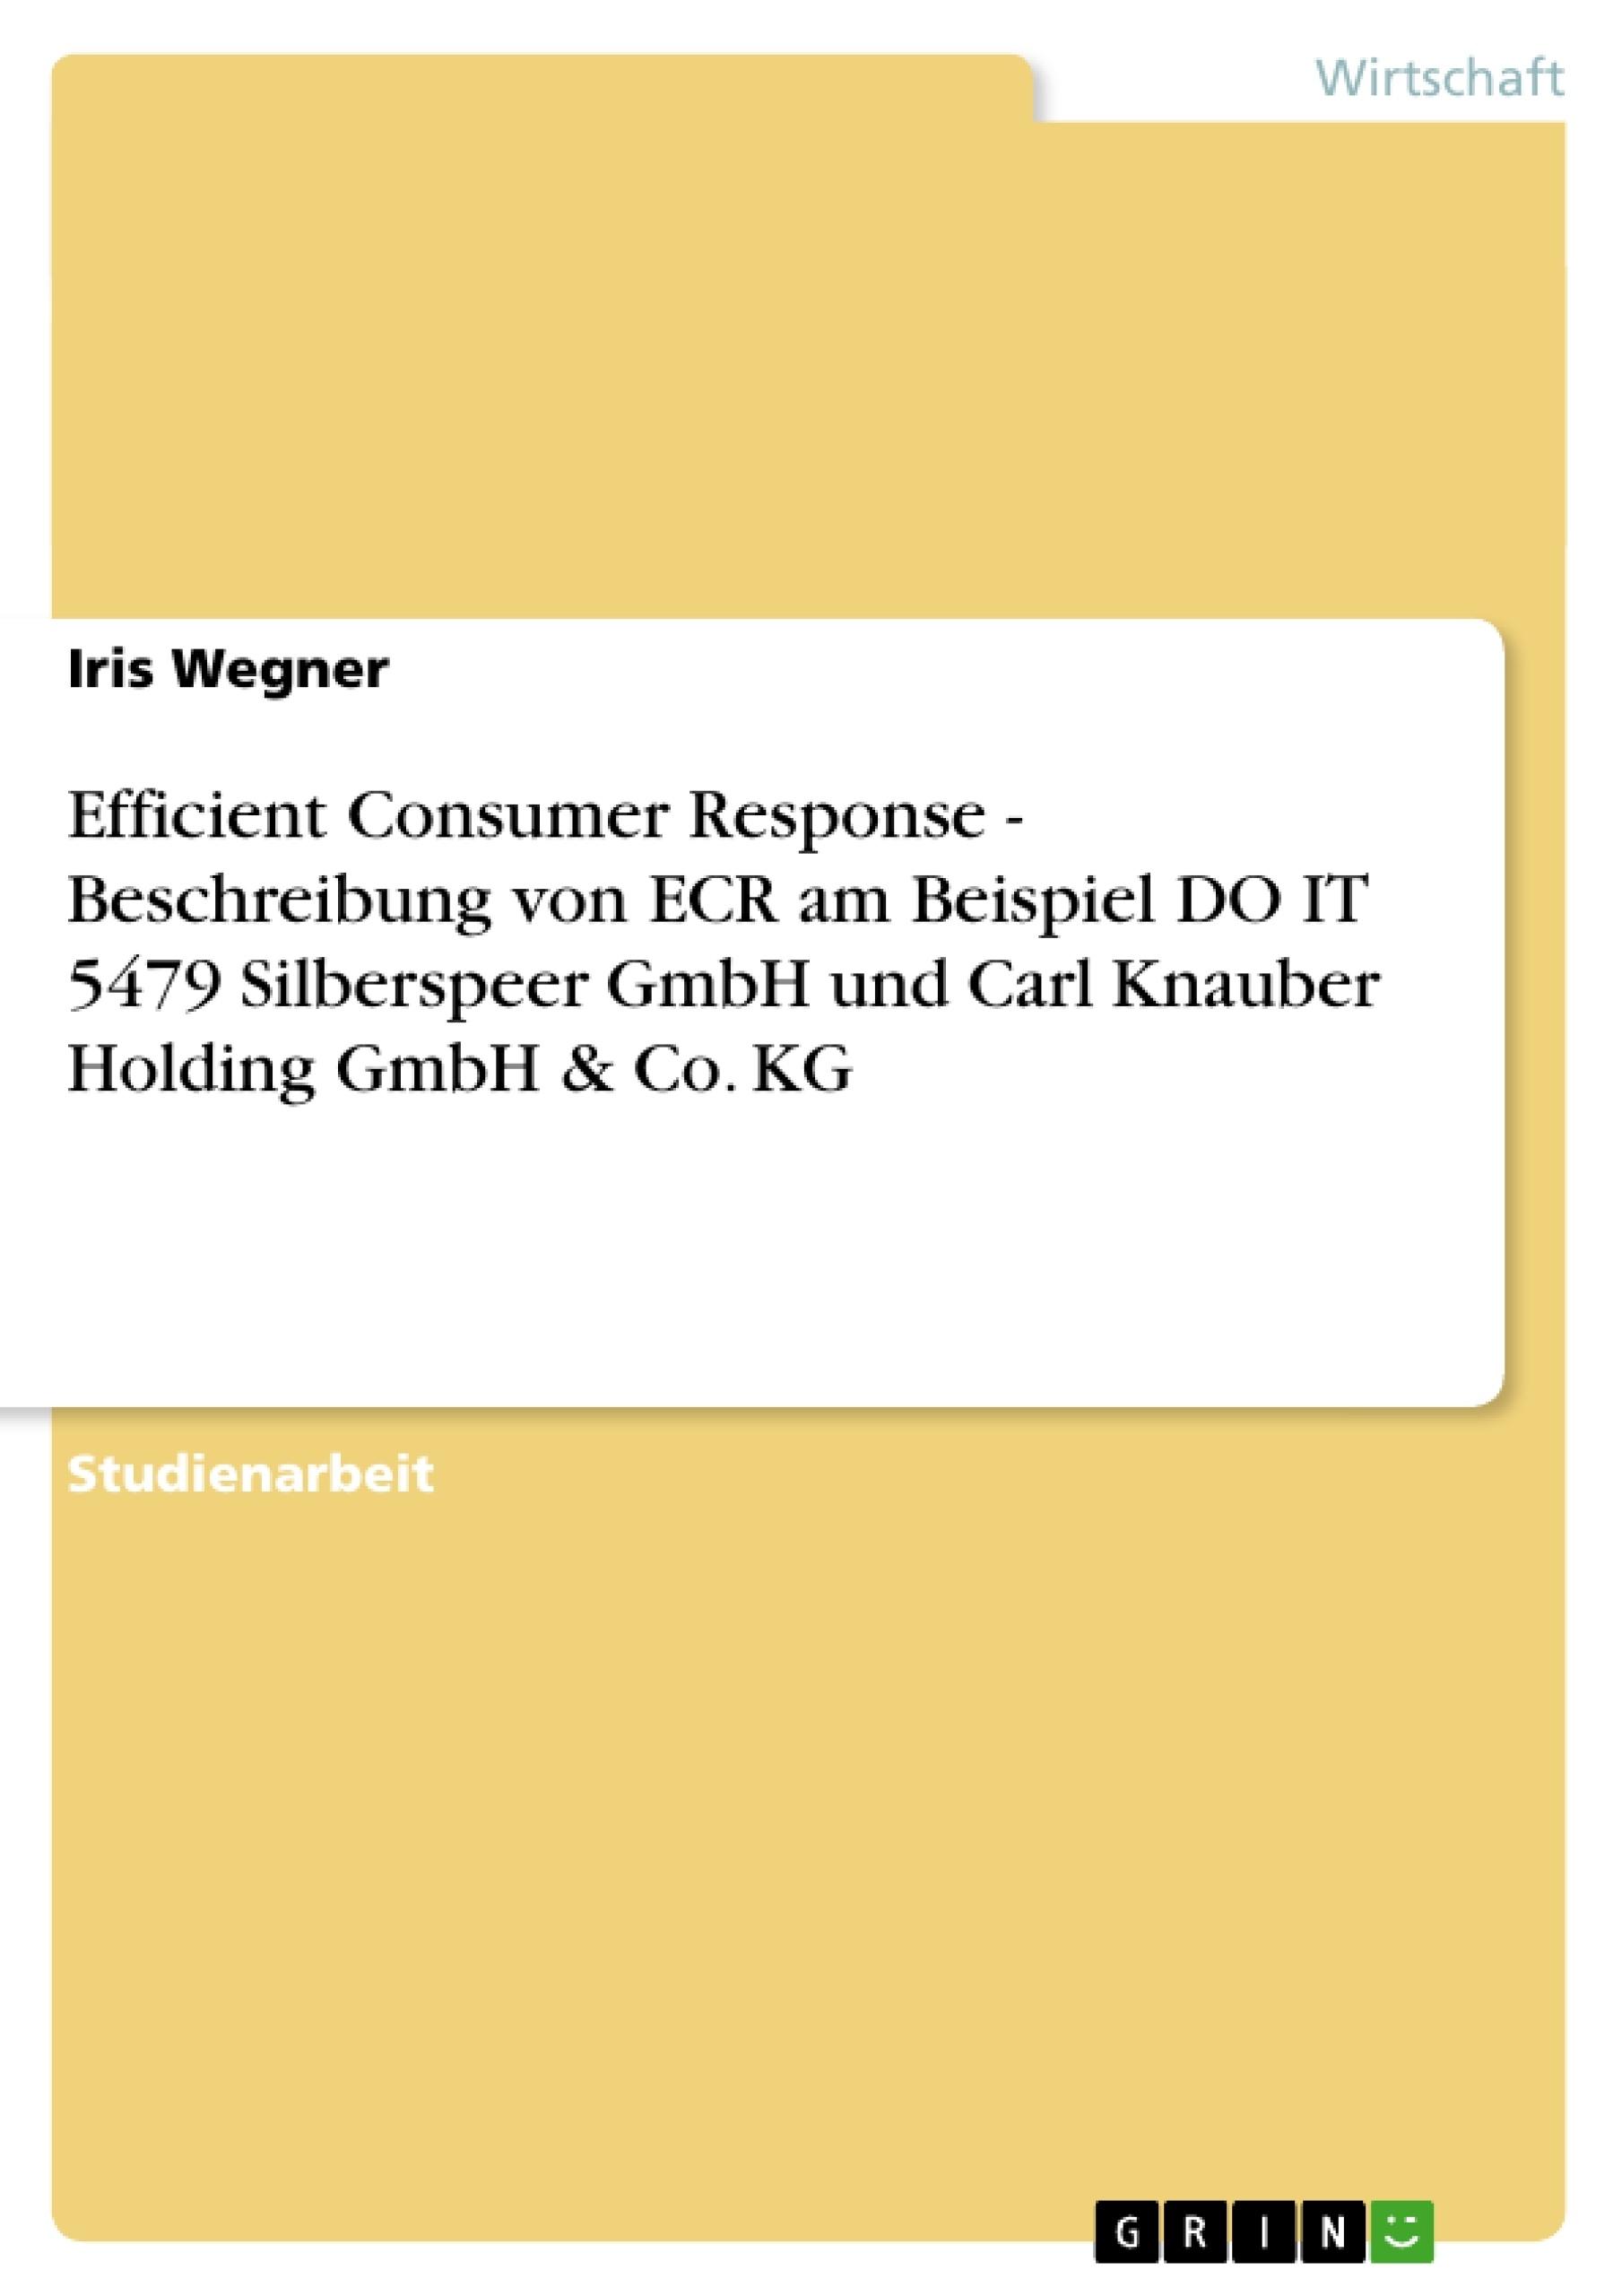 Titel: Efficient Consumer Response - Beschreibung von ECR am Beispiel DO IT 5479 Silberspeer GmbH und Carl Knauber Holding GmbH & Co. KG